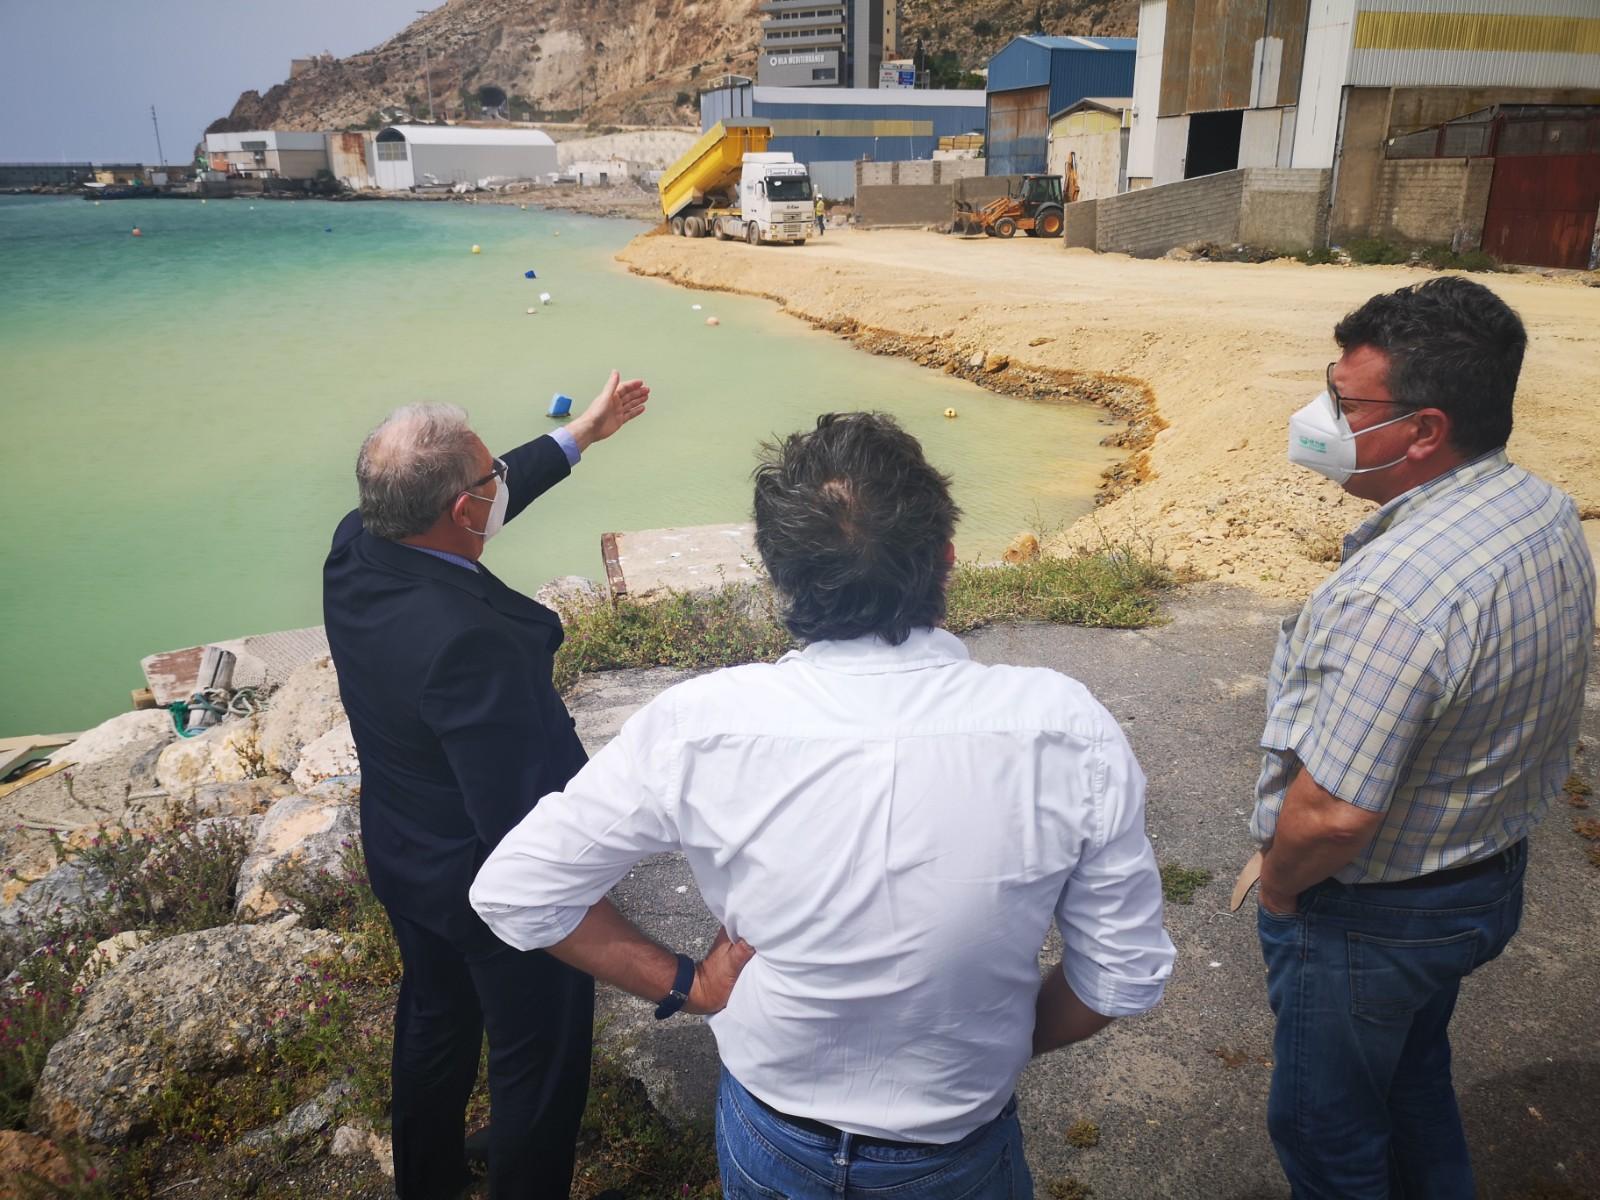 Avanza el acondicionamiento del fondeadero del puerto de Almería con la construcción de una nueva escollera